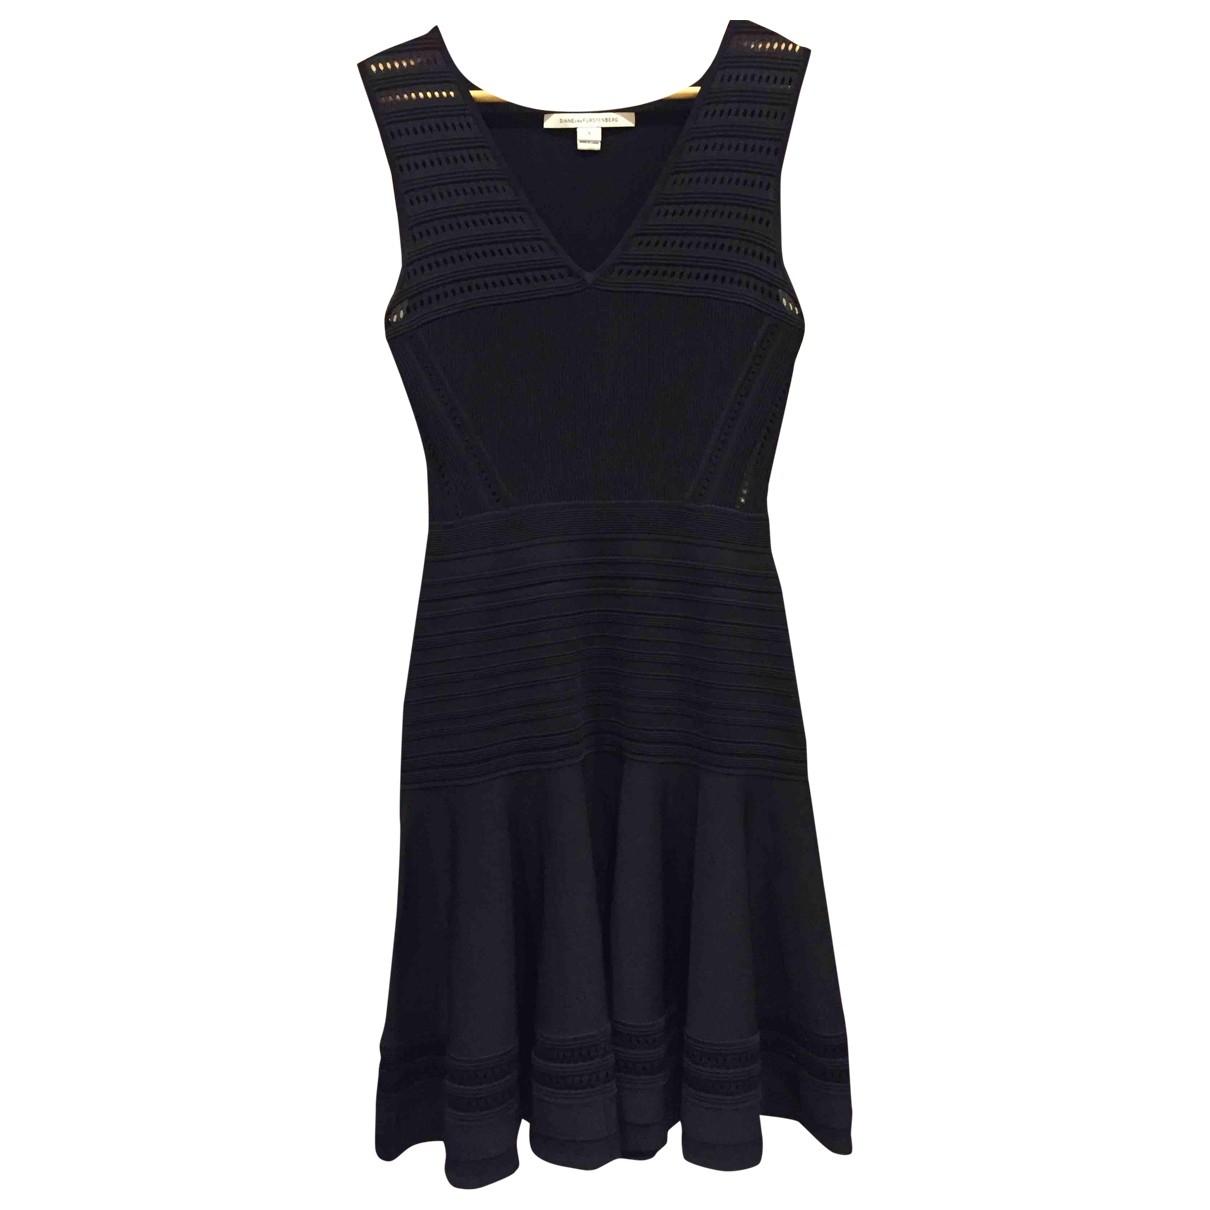 Diane Von Furstenberg \N Black Cotton - elasthane dress for Women S International